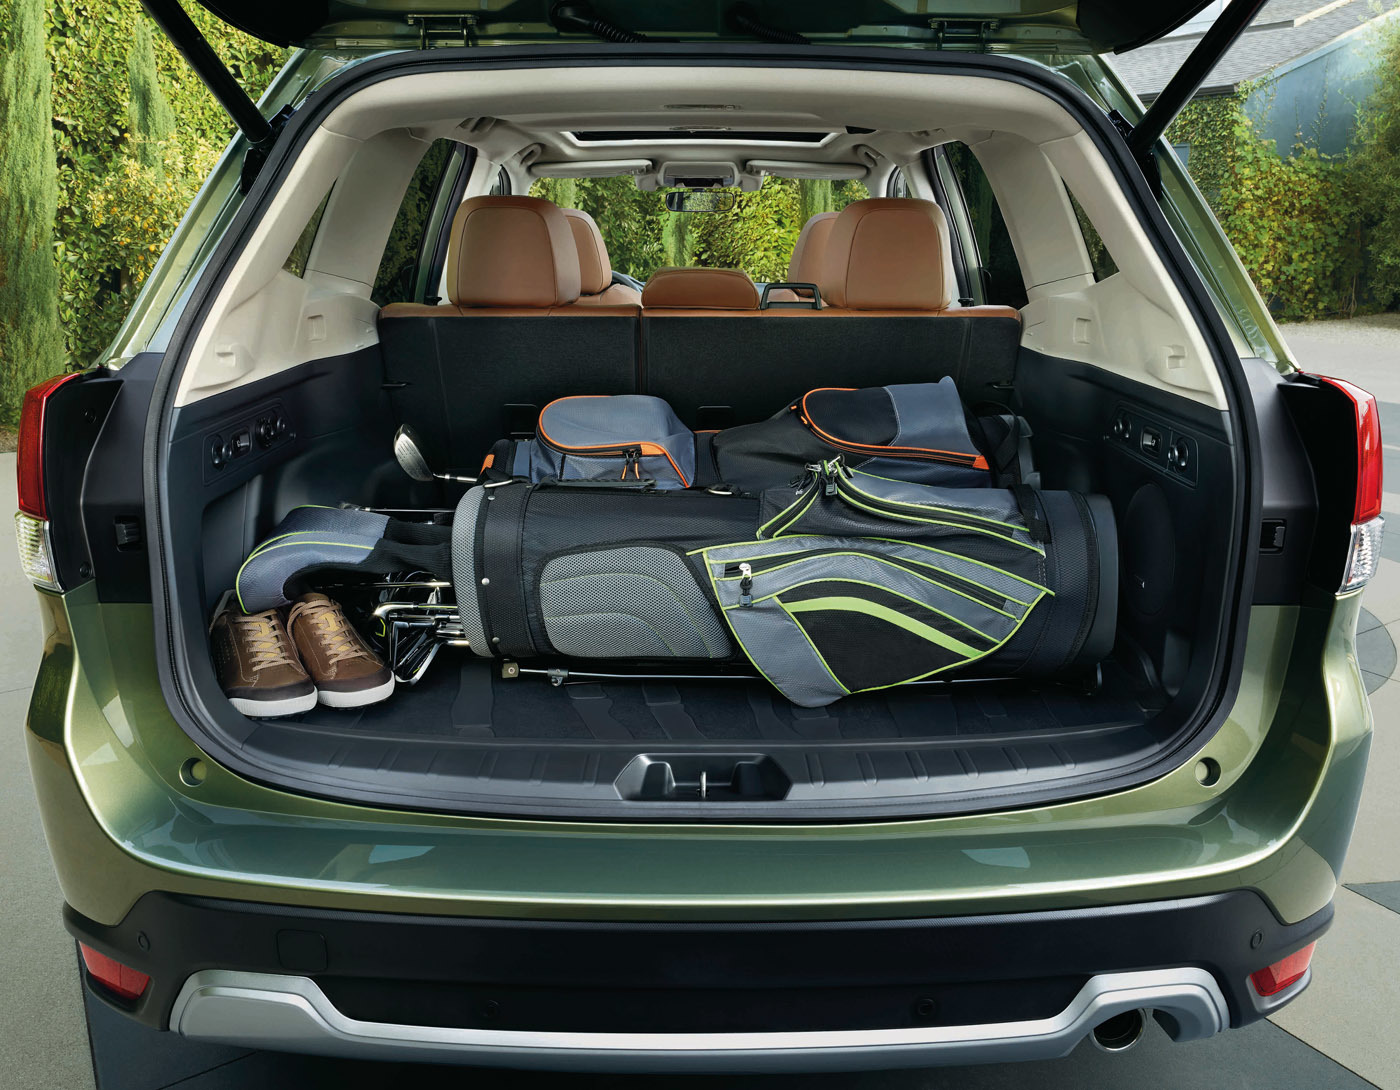 SUVならではの、積載性を確保したラゲッジも公開。使い勝手は歴代モデルのなかでも高そう